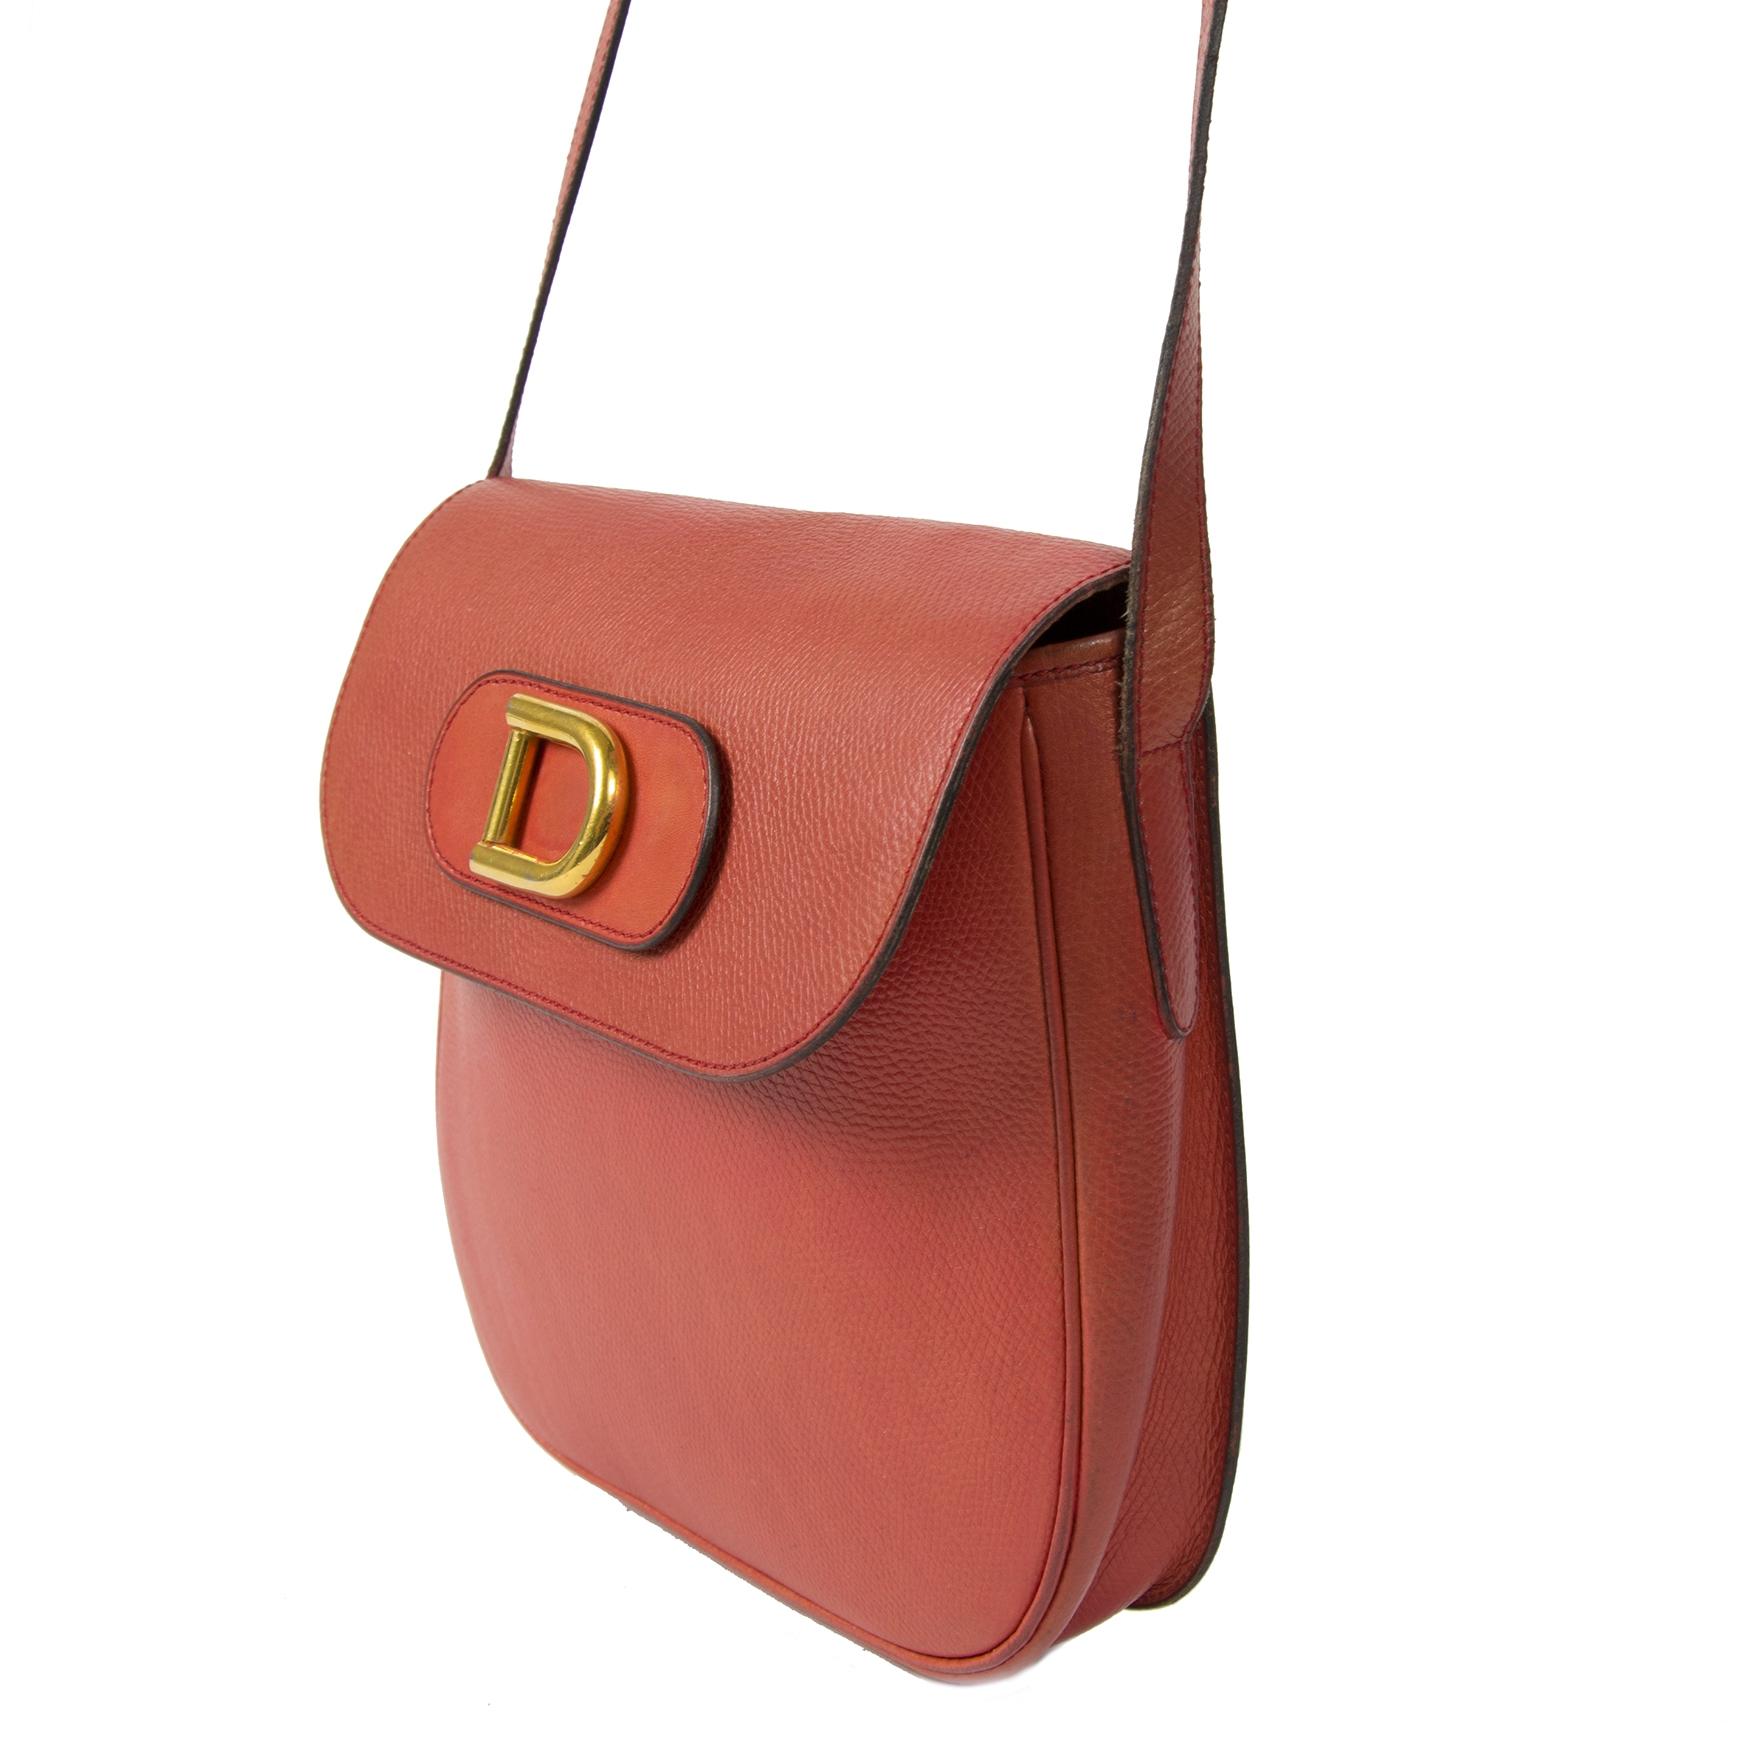 Authentieke tweedehands Delvaux Red Orange Crossbody Bag juiste prijs veilig online winkelen LabelLOV webshop luxe merken winkelen Antwerpen België mode fashion